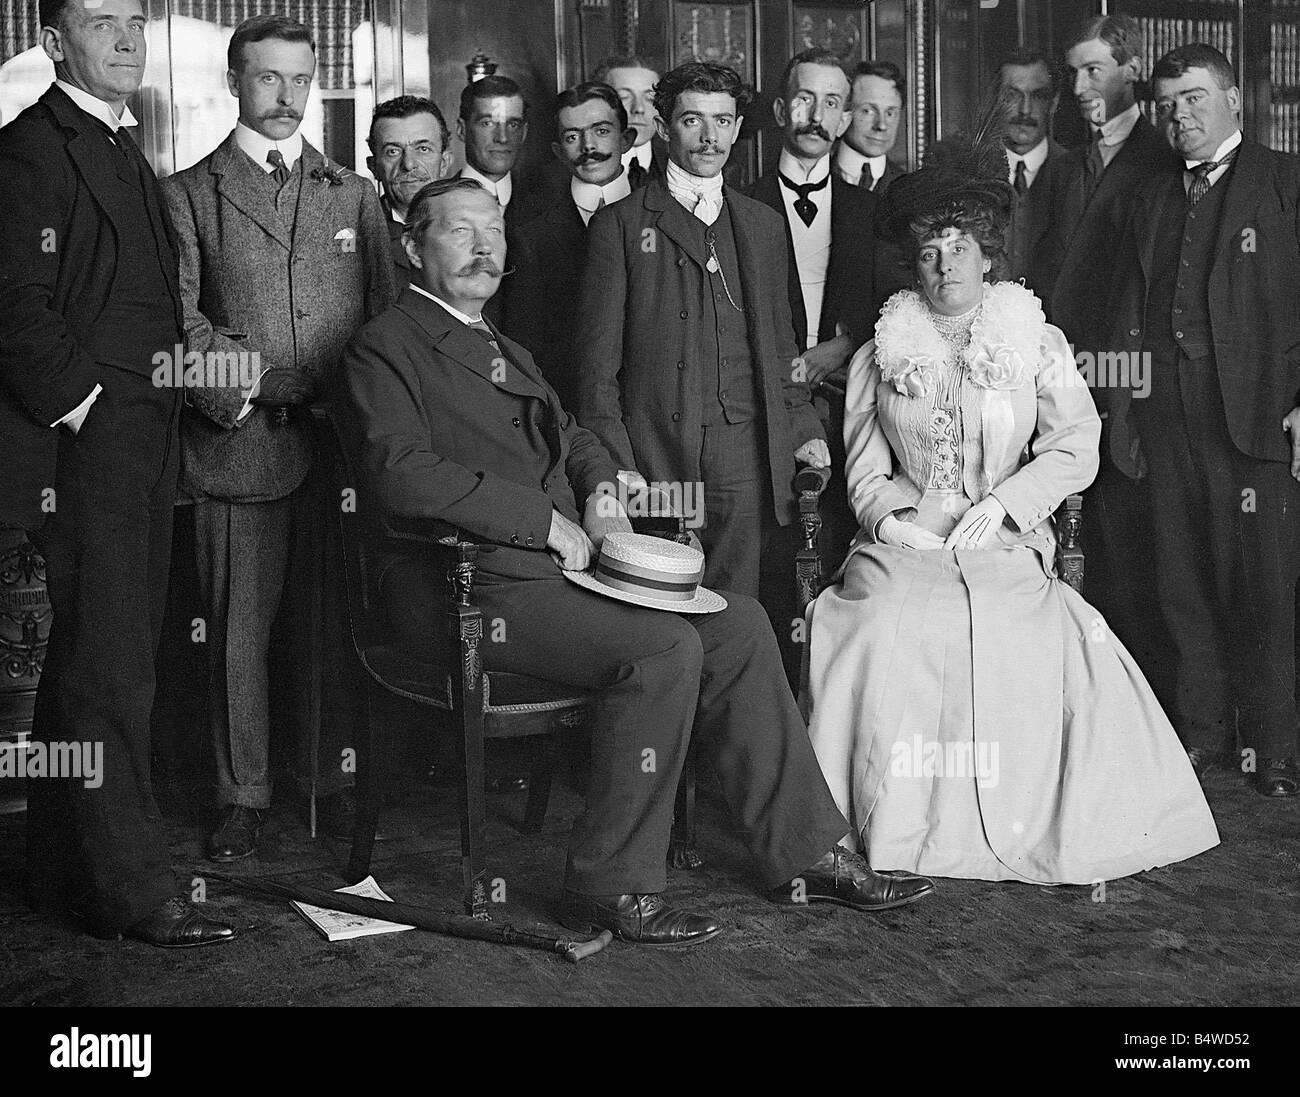 Birthday Sir Arthur Conan Doyle born 22 May 1859 Author Sir Arthur Conan Doyle 1858 1930 Author of the Sherlock - Stock Image